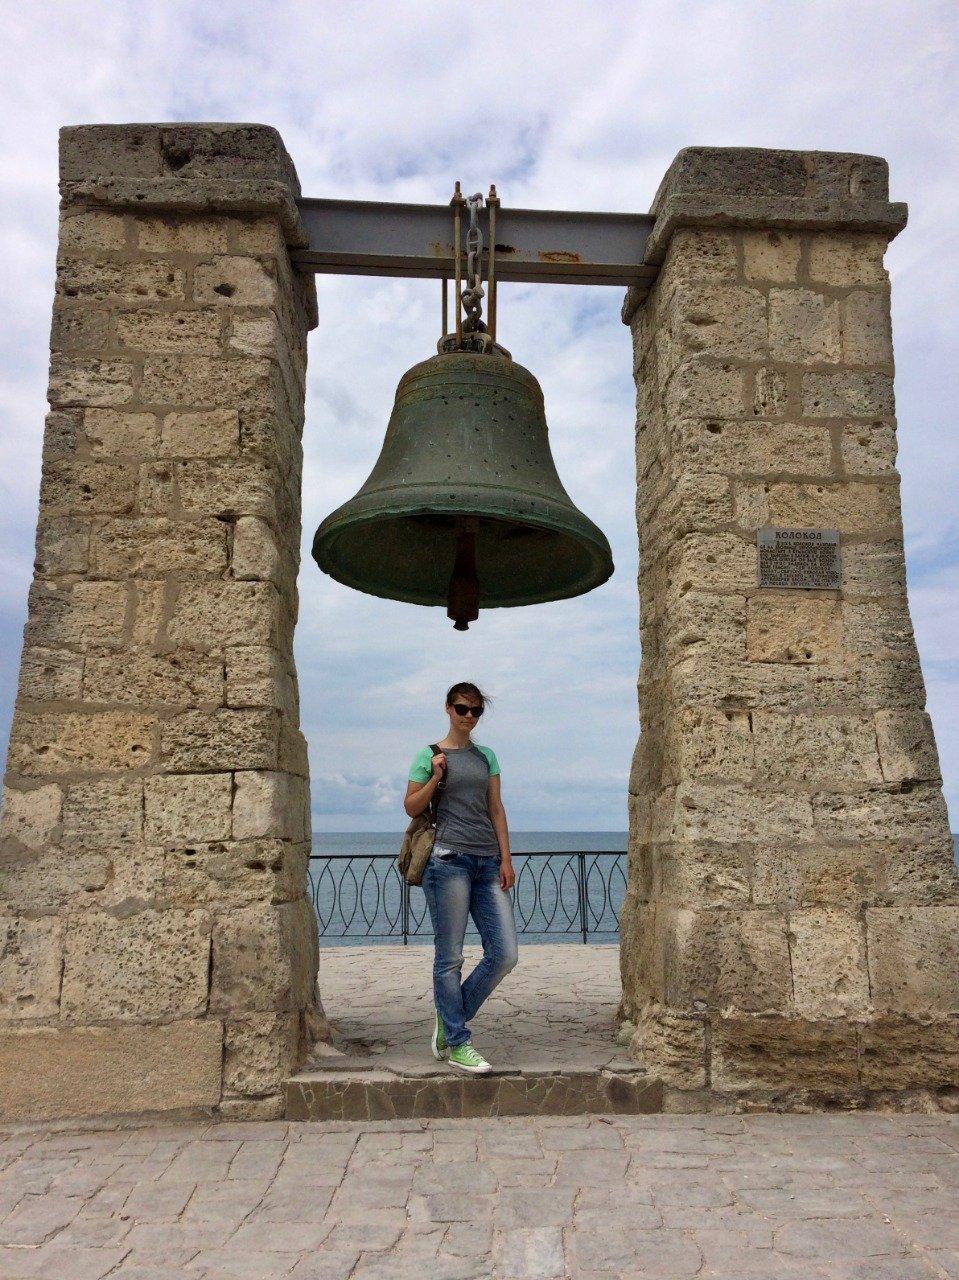 Прогулка по Херсонесу Таврическому (той самой Корсуни). Стоит ли ехать туда сегодня?